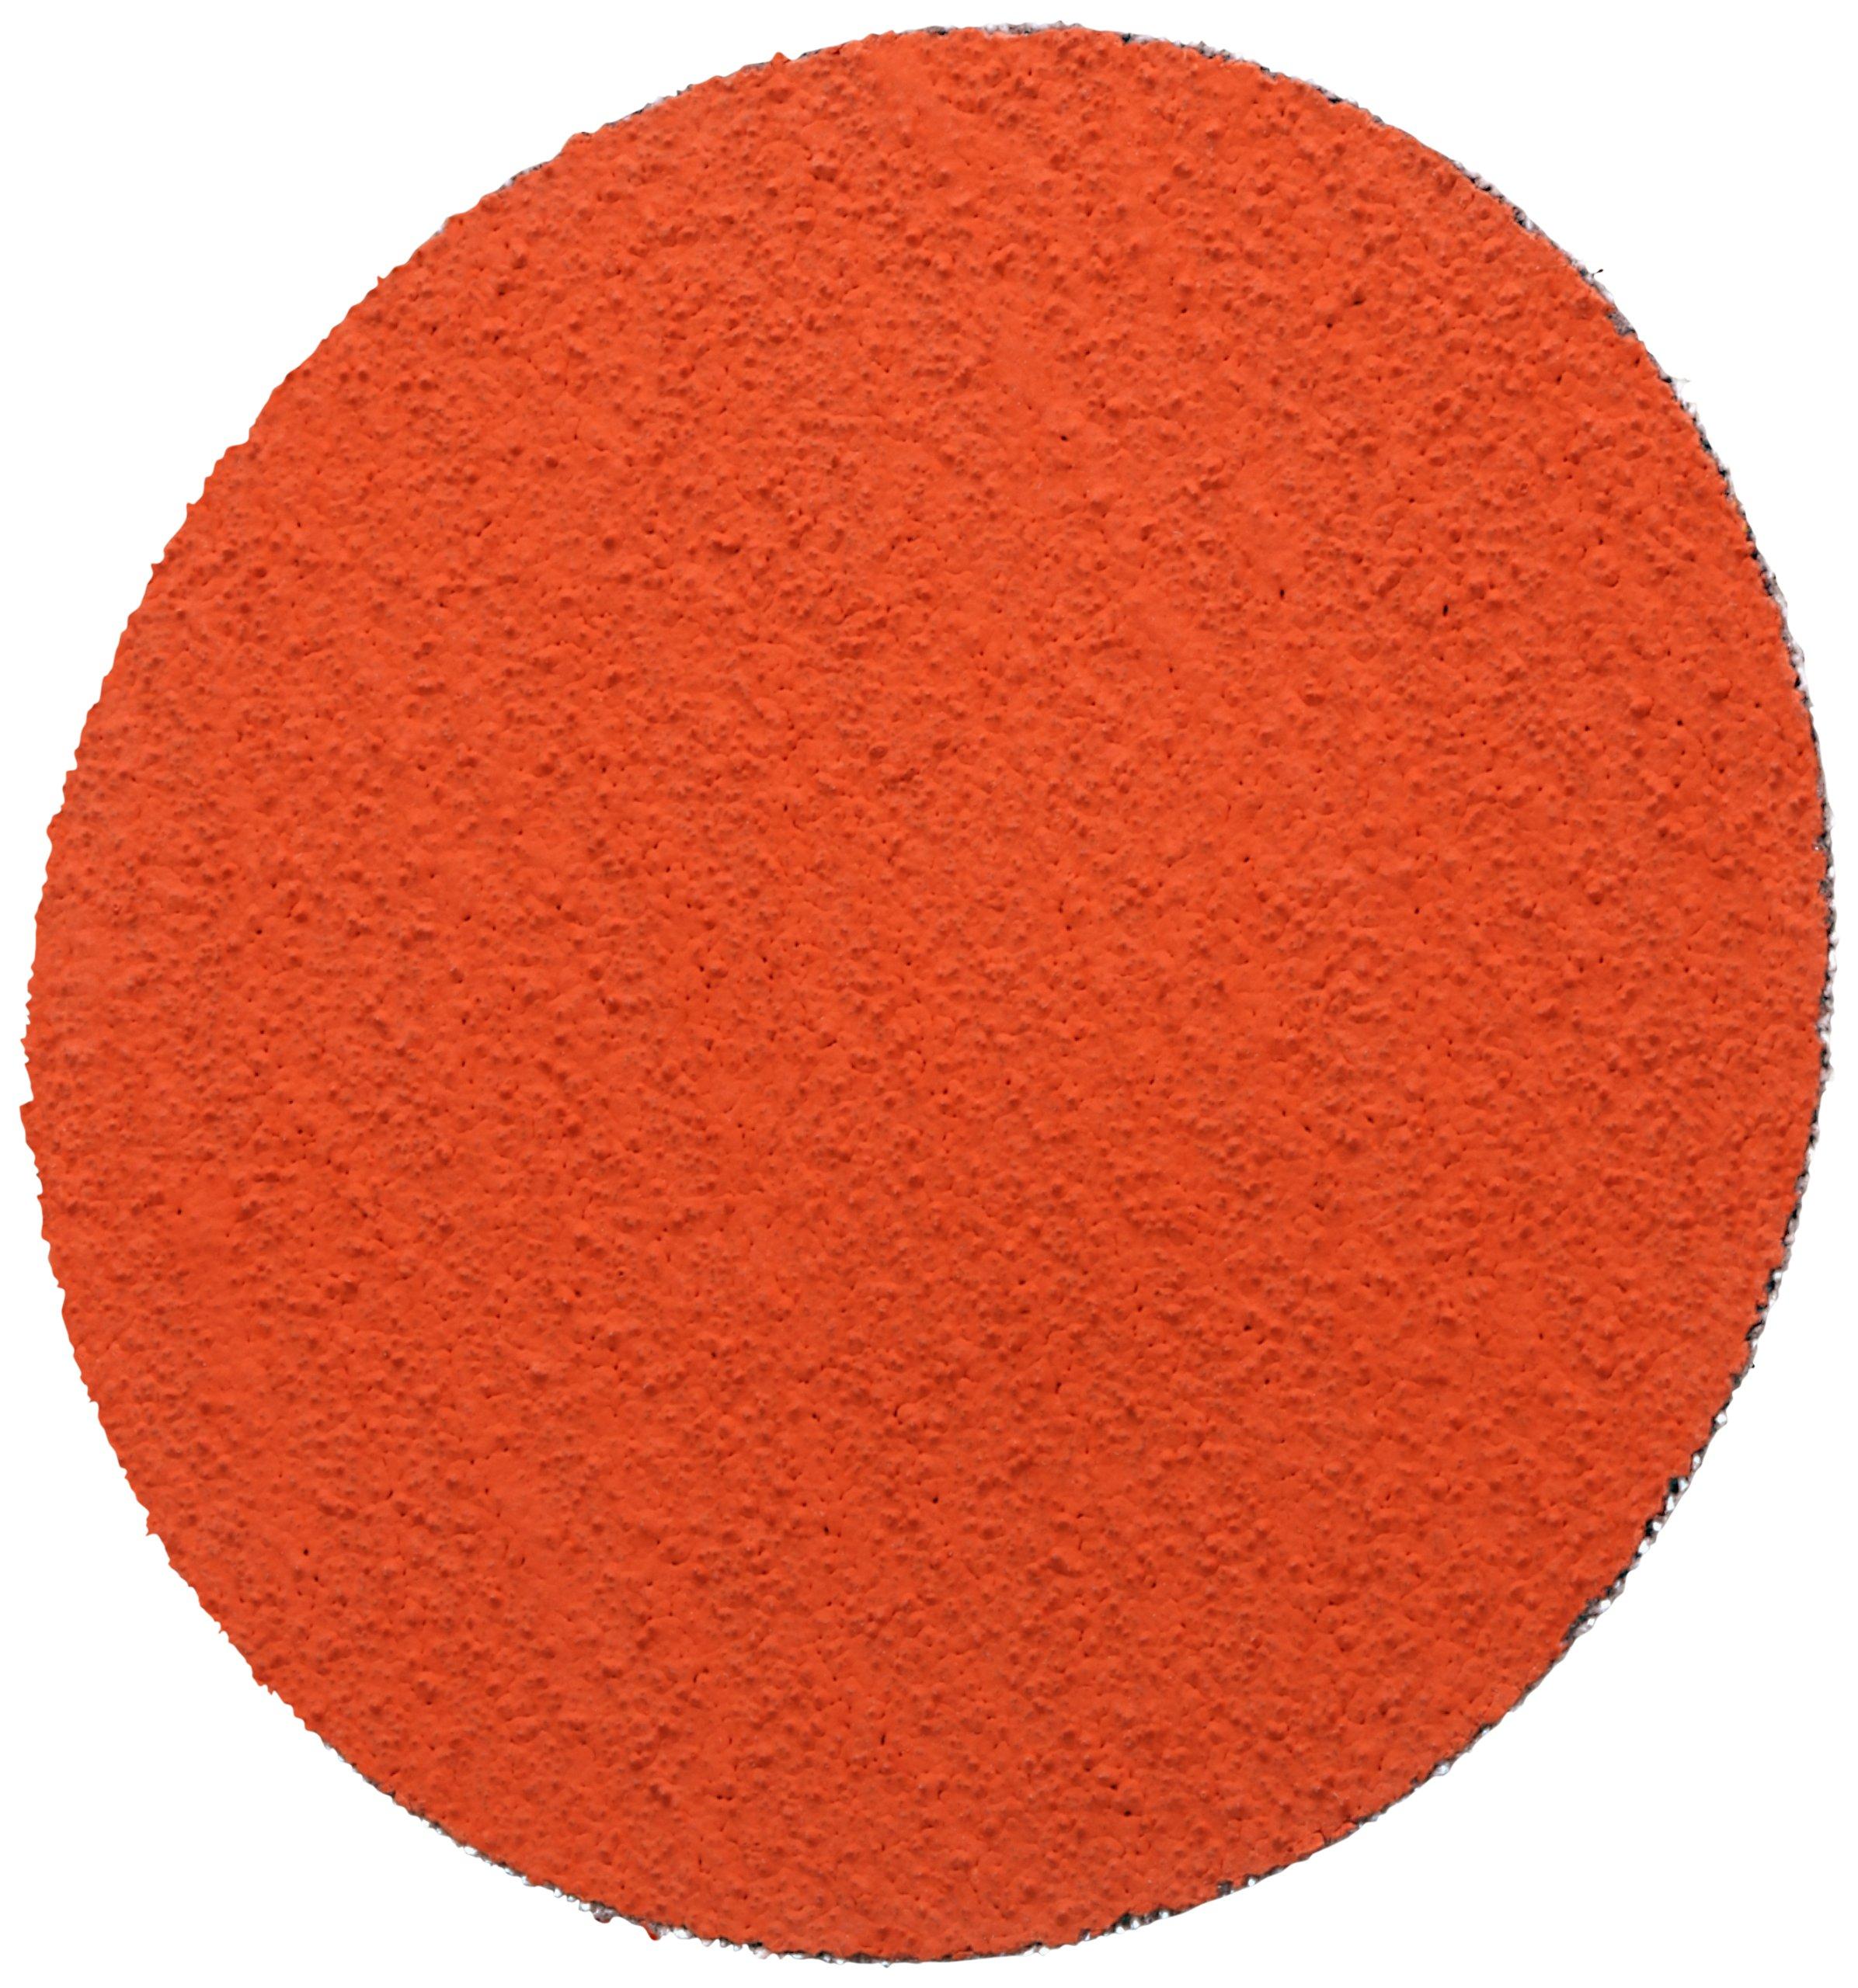 3M(TM) Roloc(TM) Disc 777F, Cloth, TR Attachment, Ceramic Aluminum Oxide, 3'' Diameter, 36 Grit (Pack of 50)